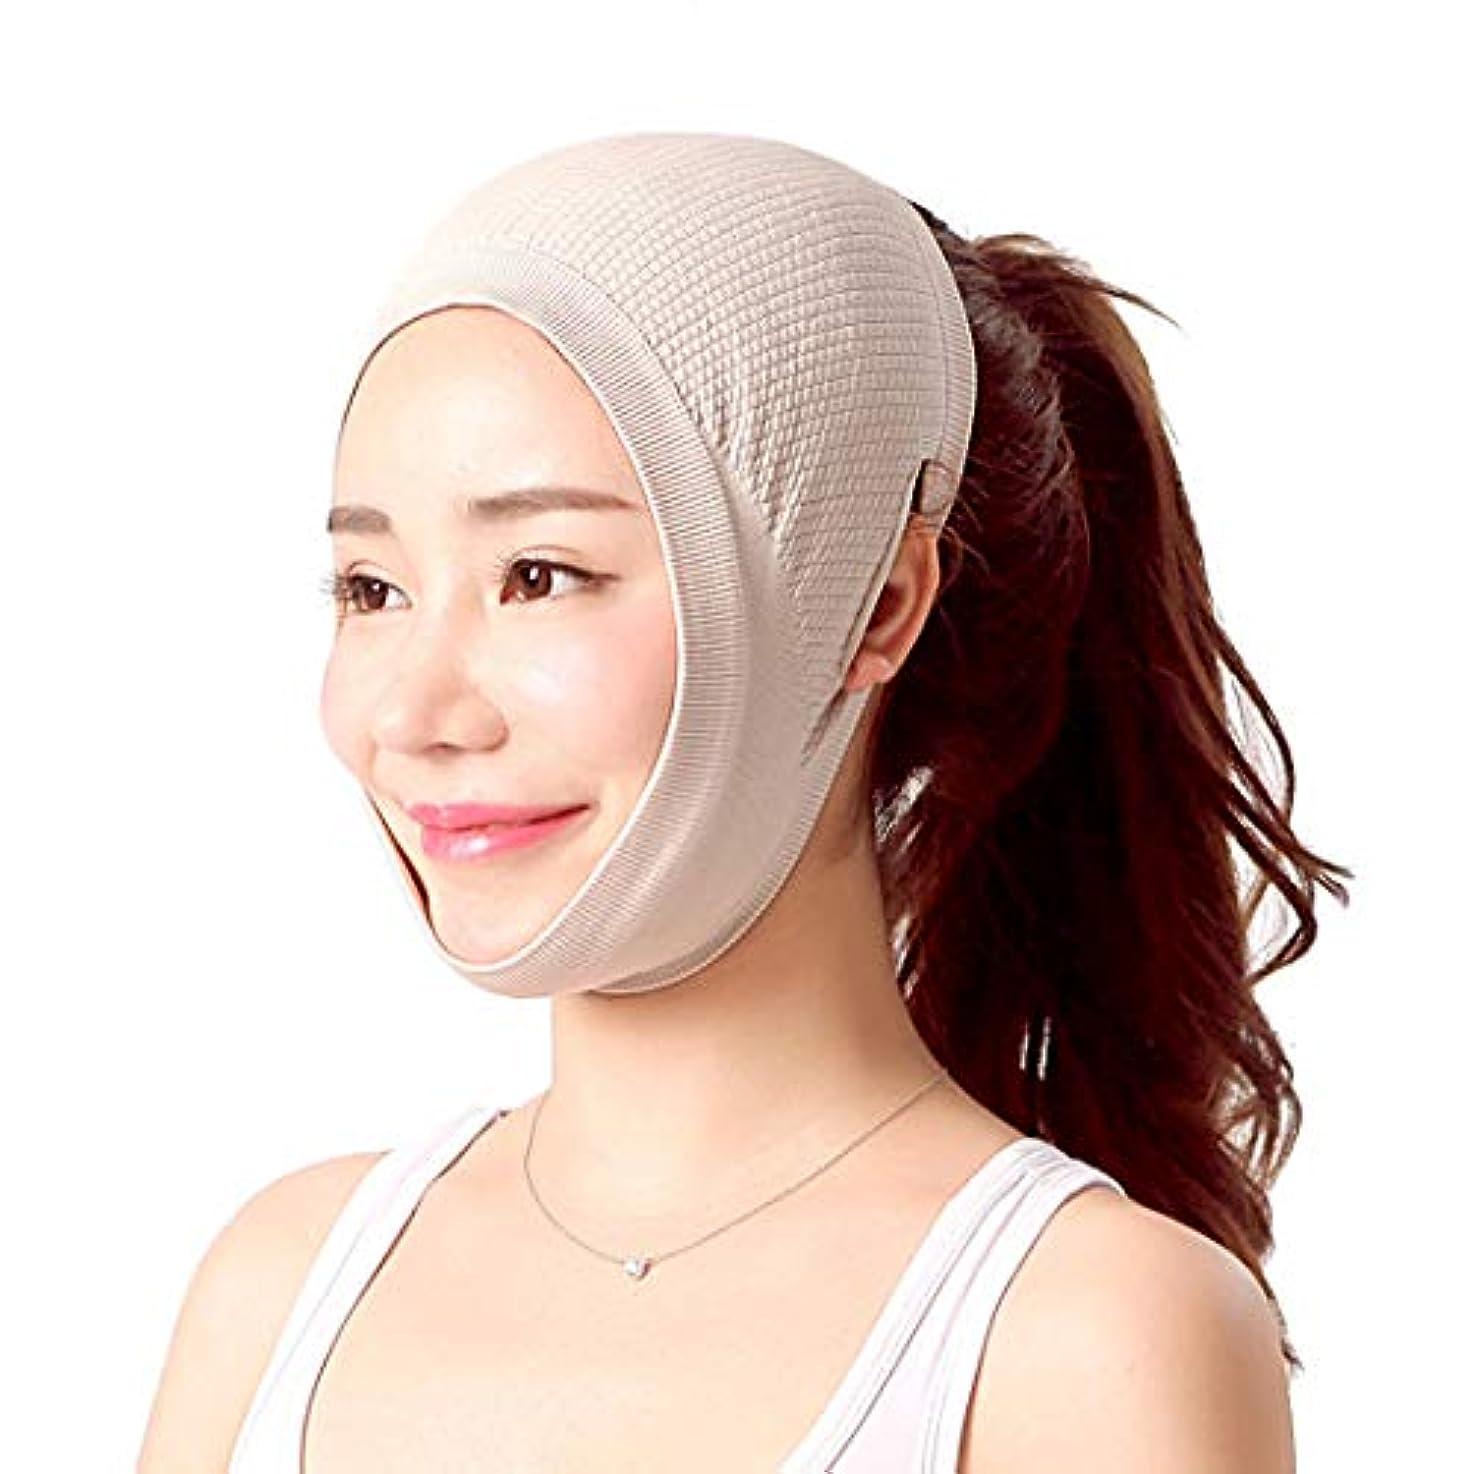 れるクール腐敗したZWBD フェイスマスク, 減量の包帯を取除くために皮の包帯、二重あごをきつく締めるための顔の包帯が付いている顔の減量のマスクは調節することができます